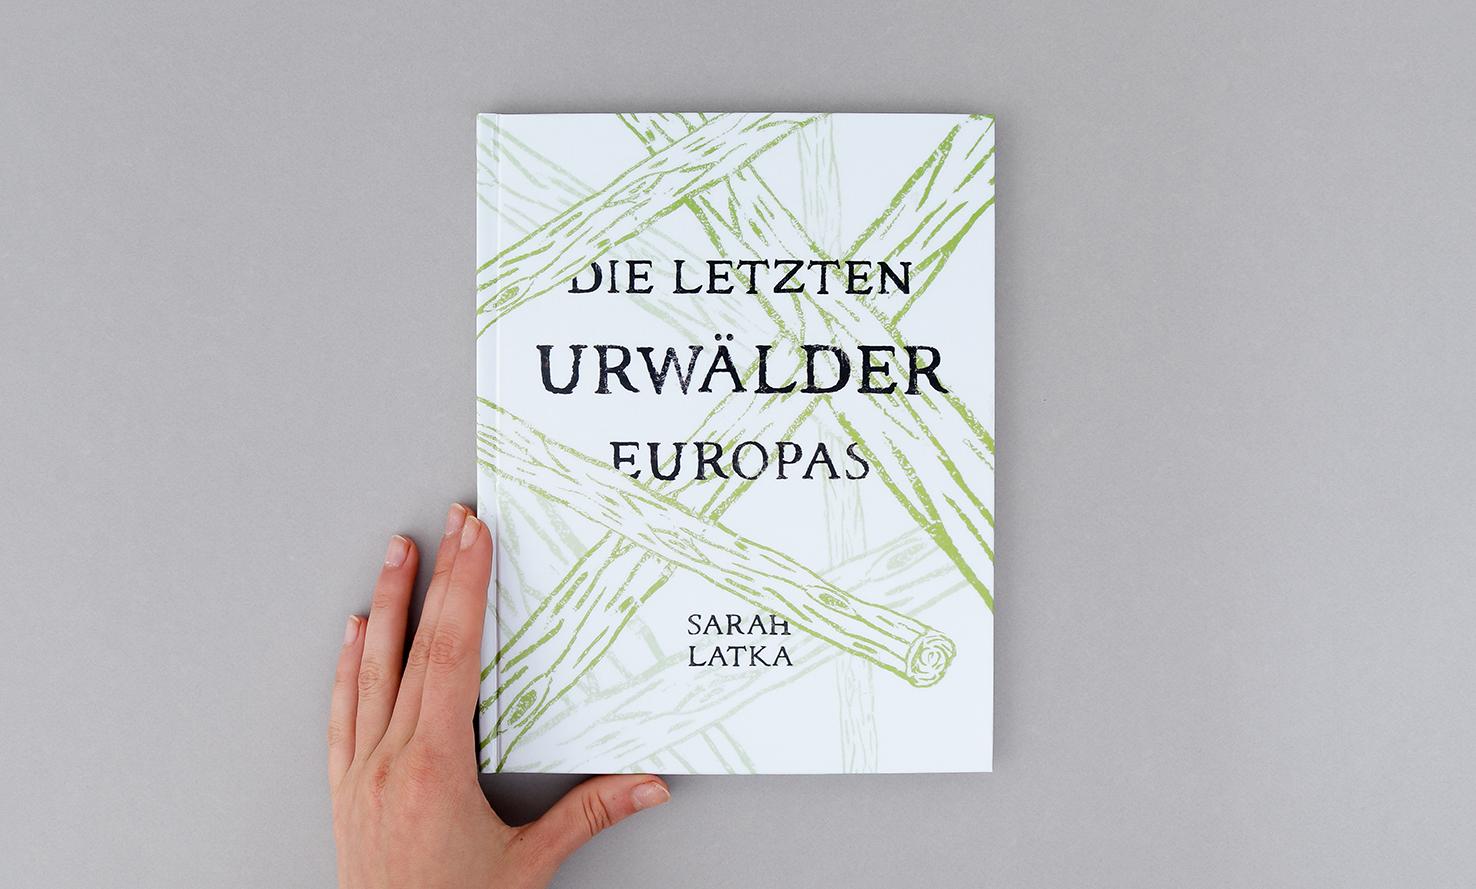 Die letzten Urwälder Europas